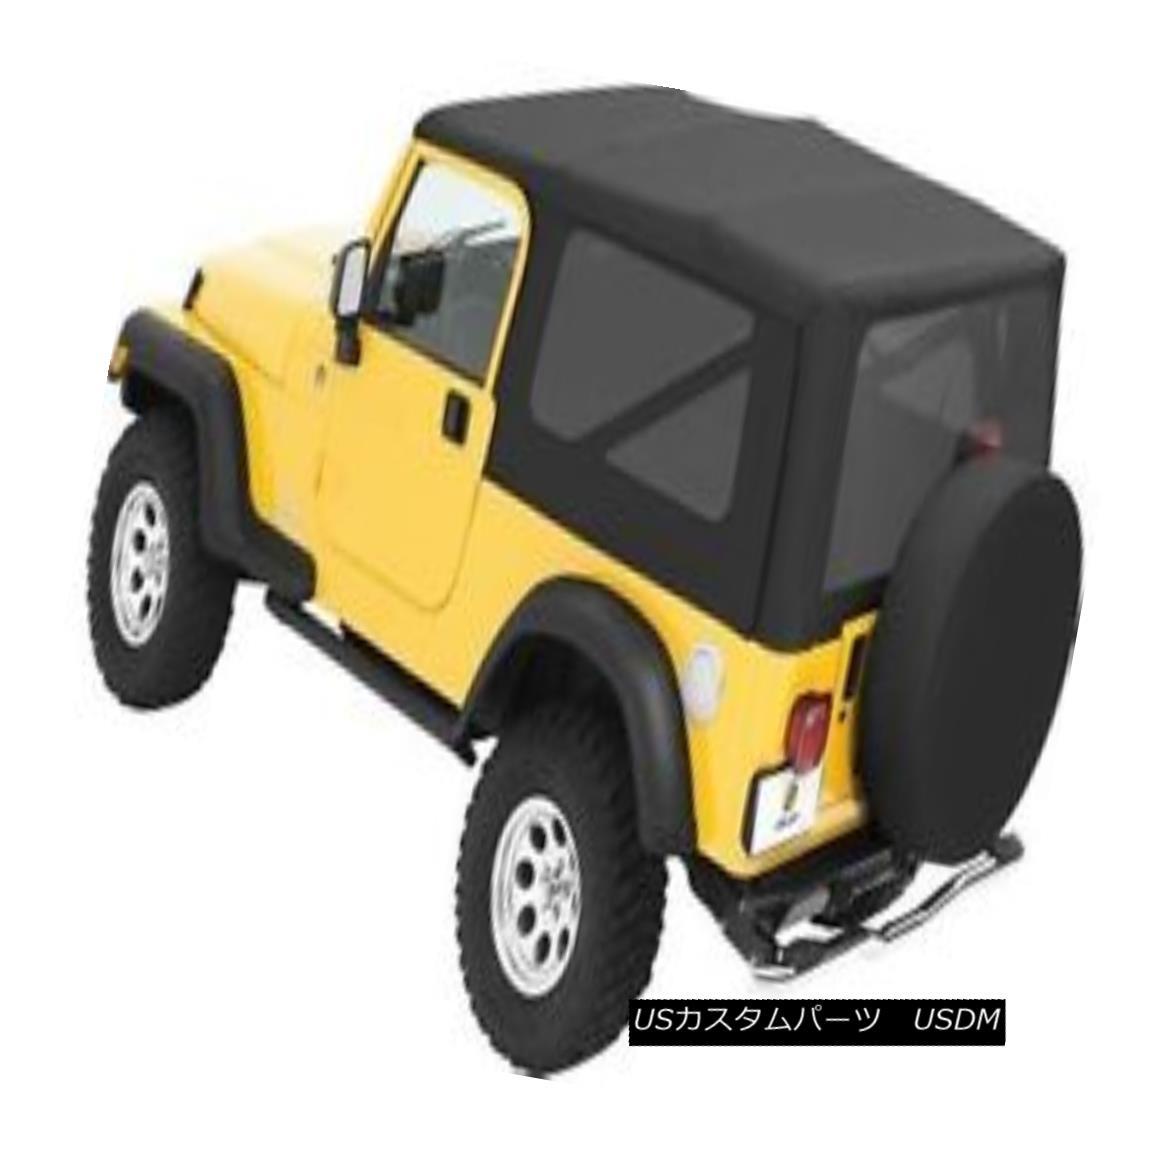 幌・ソフトトップ Bestop Sailcloth Replace A Top 04-06 Jeep Wrangler Unlimited Tint Windows Black Bestop Sailclothトップを交換する04-06ジープラングラー無制限ティントWindowsブラック